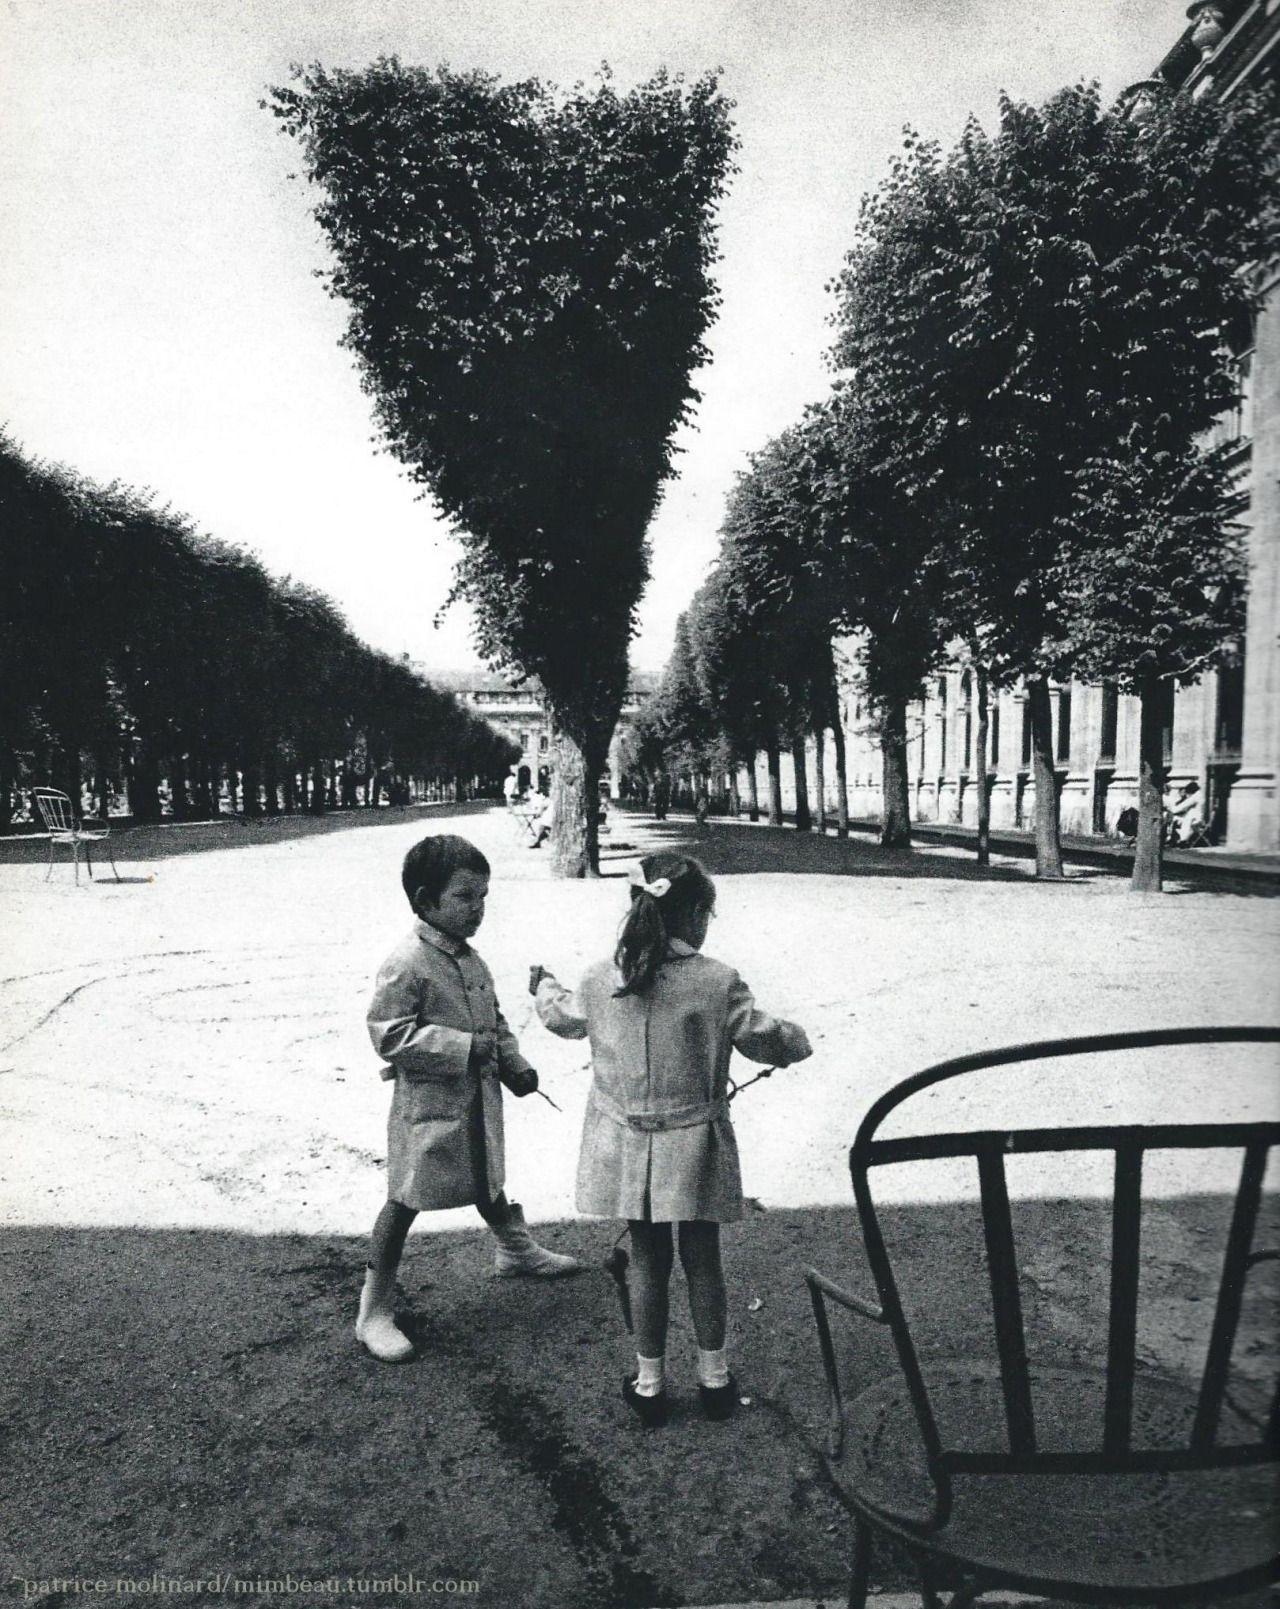 95d30b13dcbadc mimbeau: Palais Royal Gardens Paris 1960s Patrice Molinard   GARDENS ...